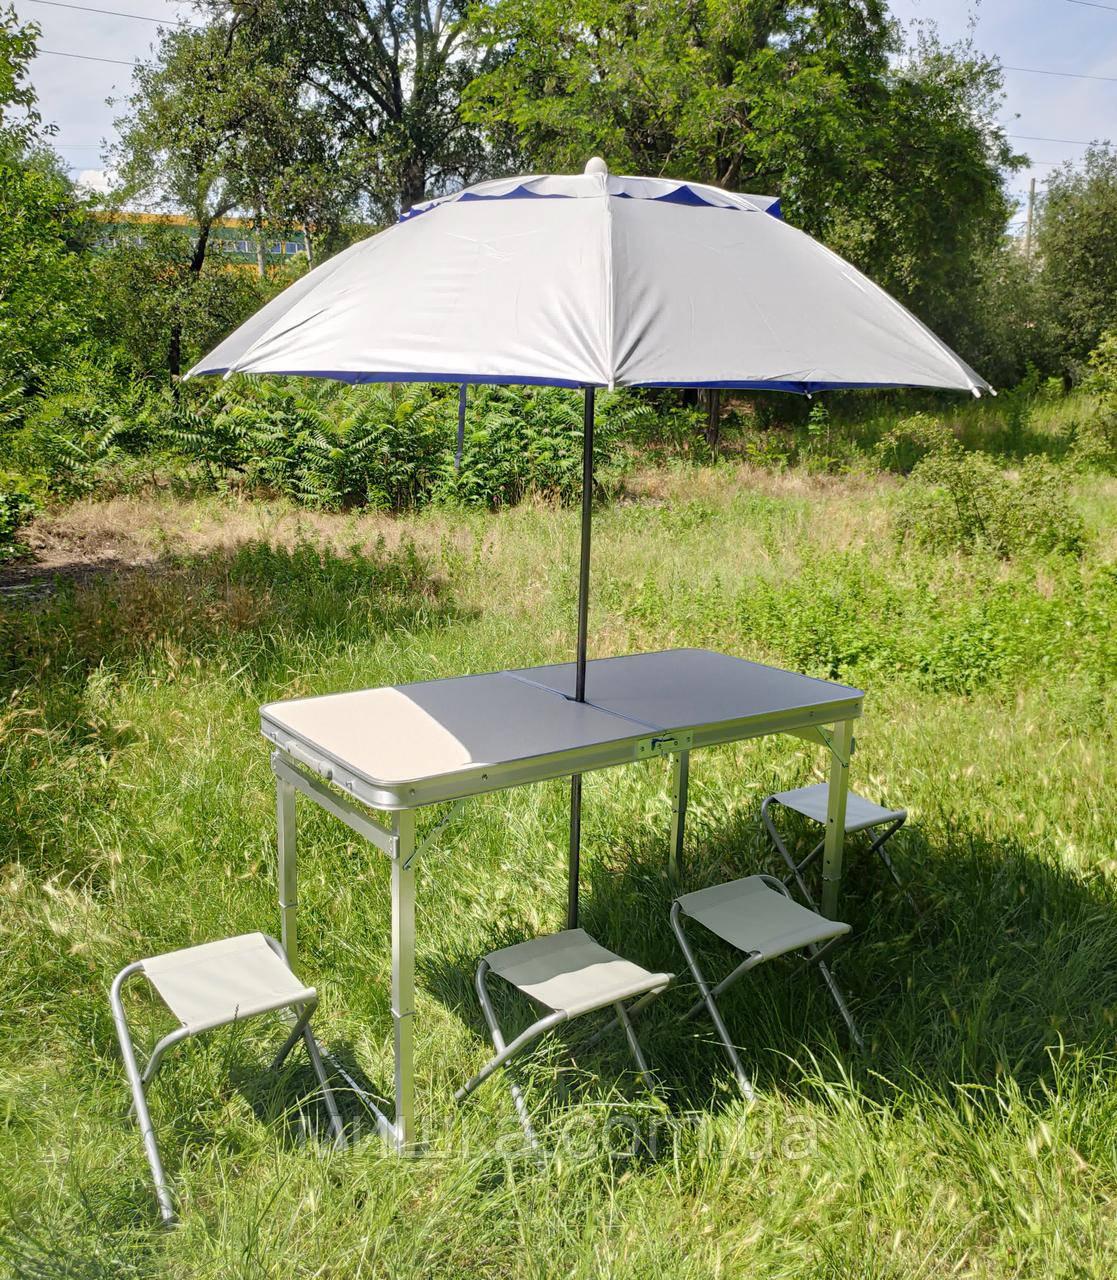 ПОСИЛЕНИЙ БІЛИЙ зручний розкладний стіл для пікніка та 4 стільця + компактний міцний парасолька 1,6 м у ПОДАРУНОК!